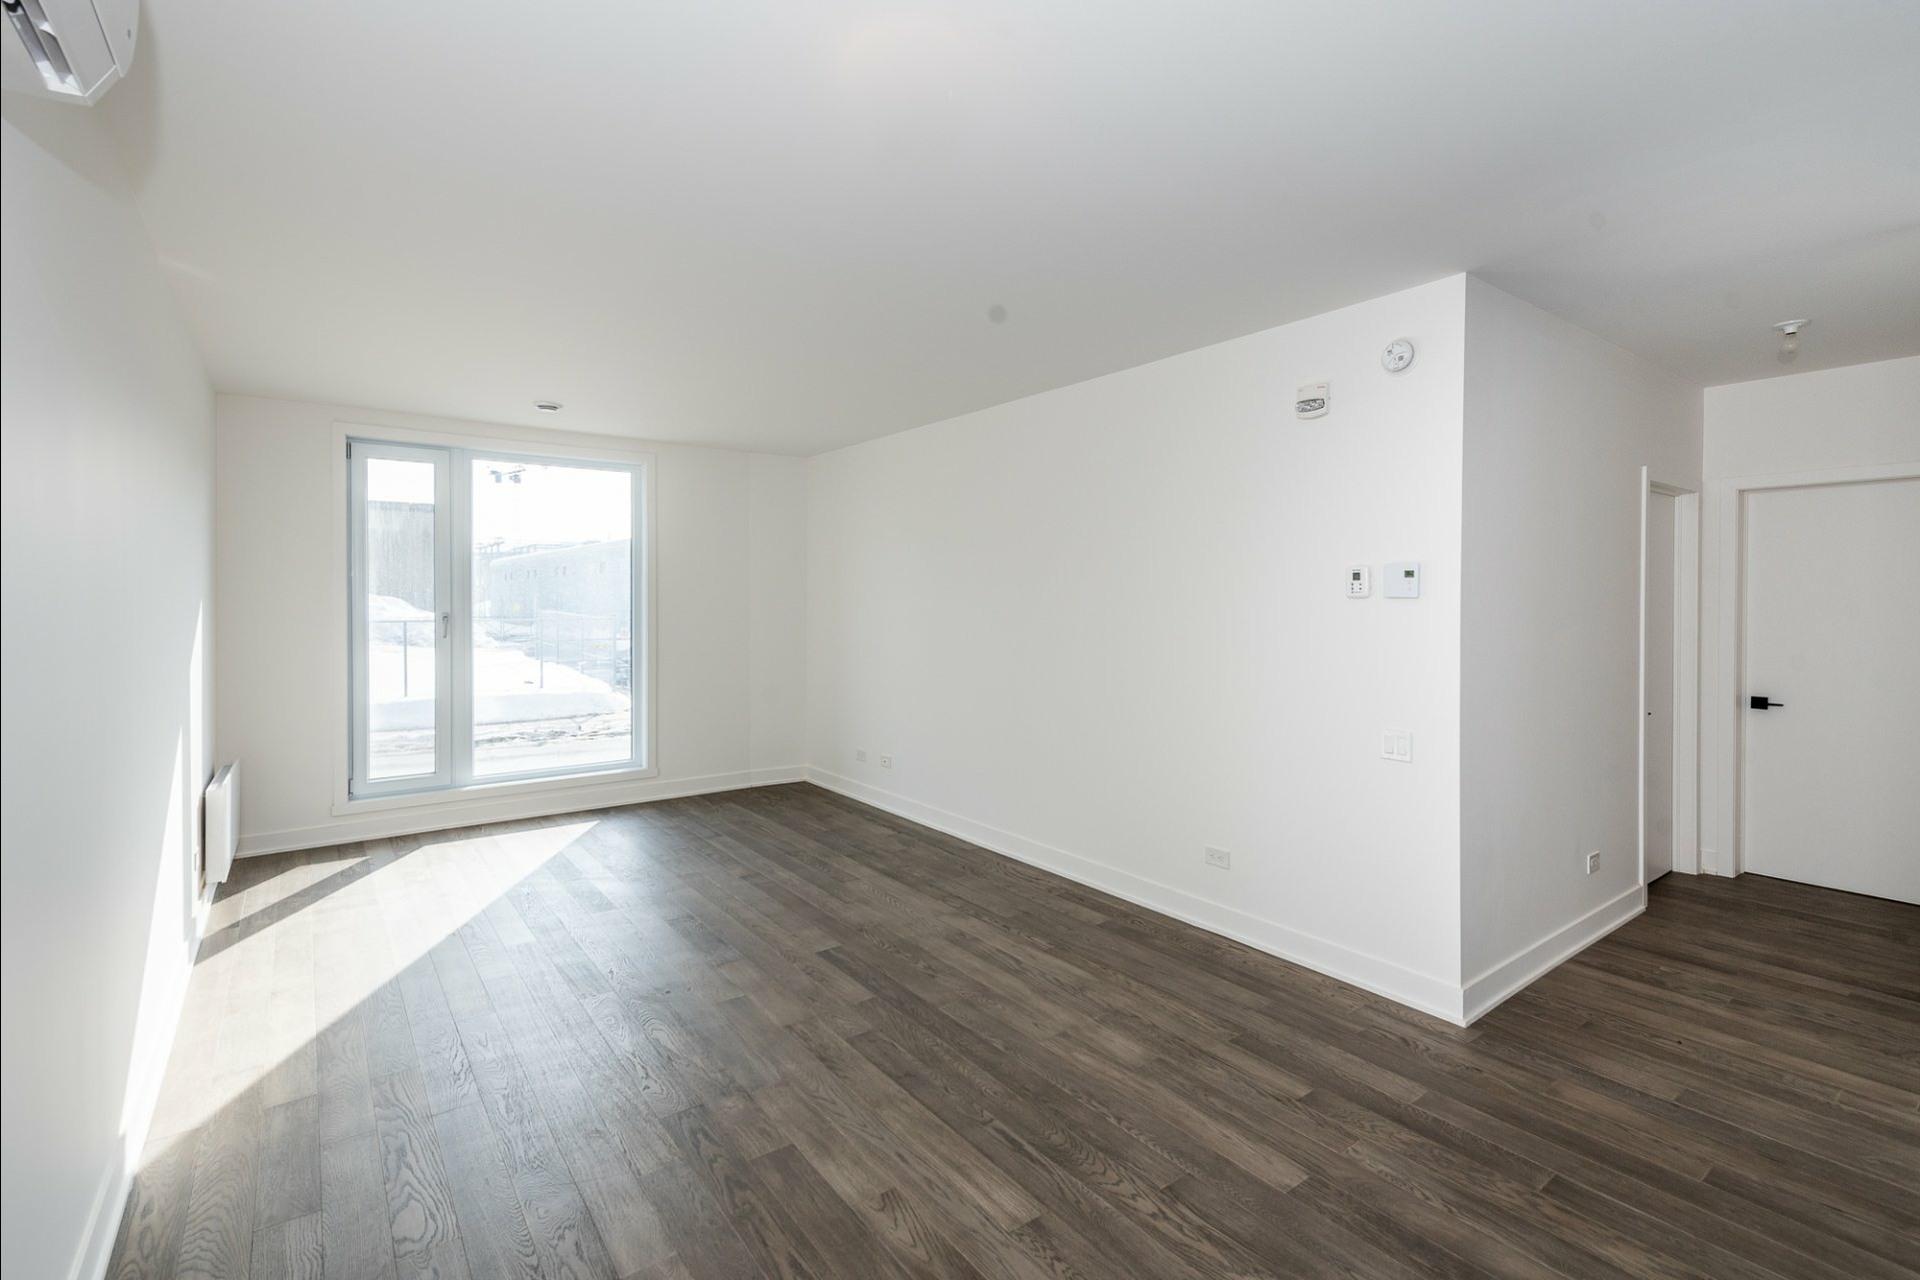 image 8 - Appartement À louer Villeray/Saint-Michel/Parc-Extension Montréal  - 5 pièces